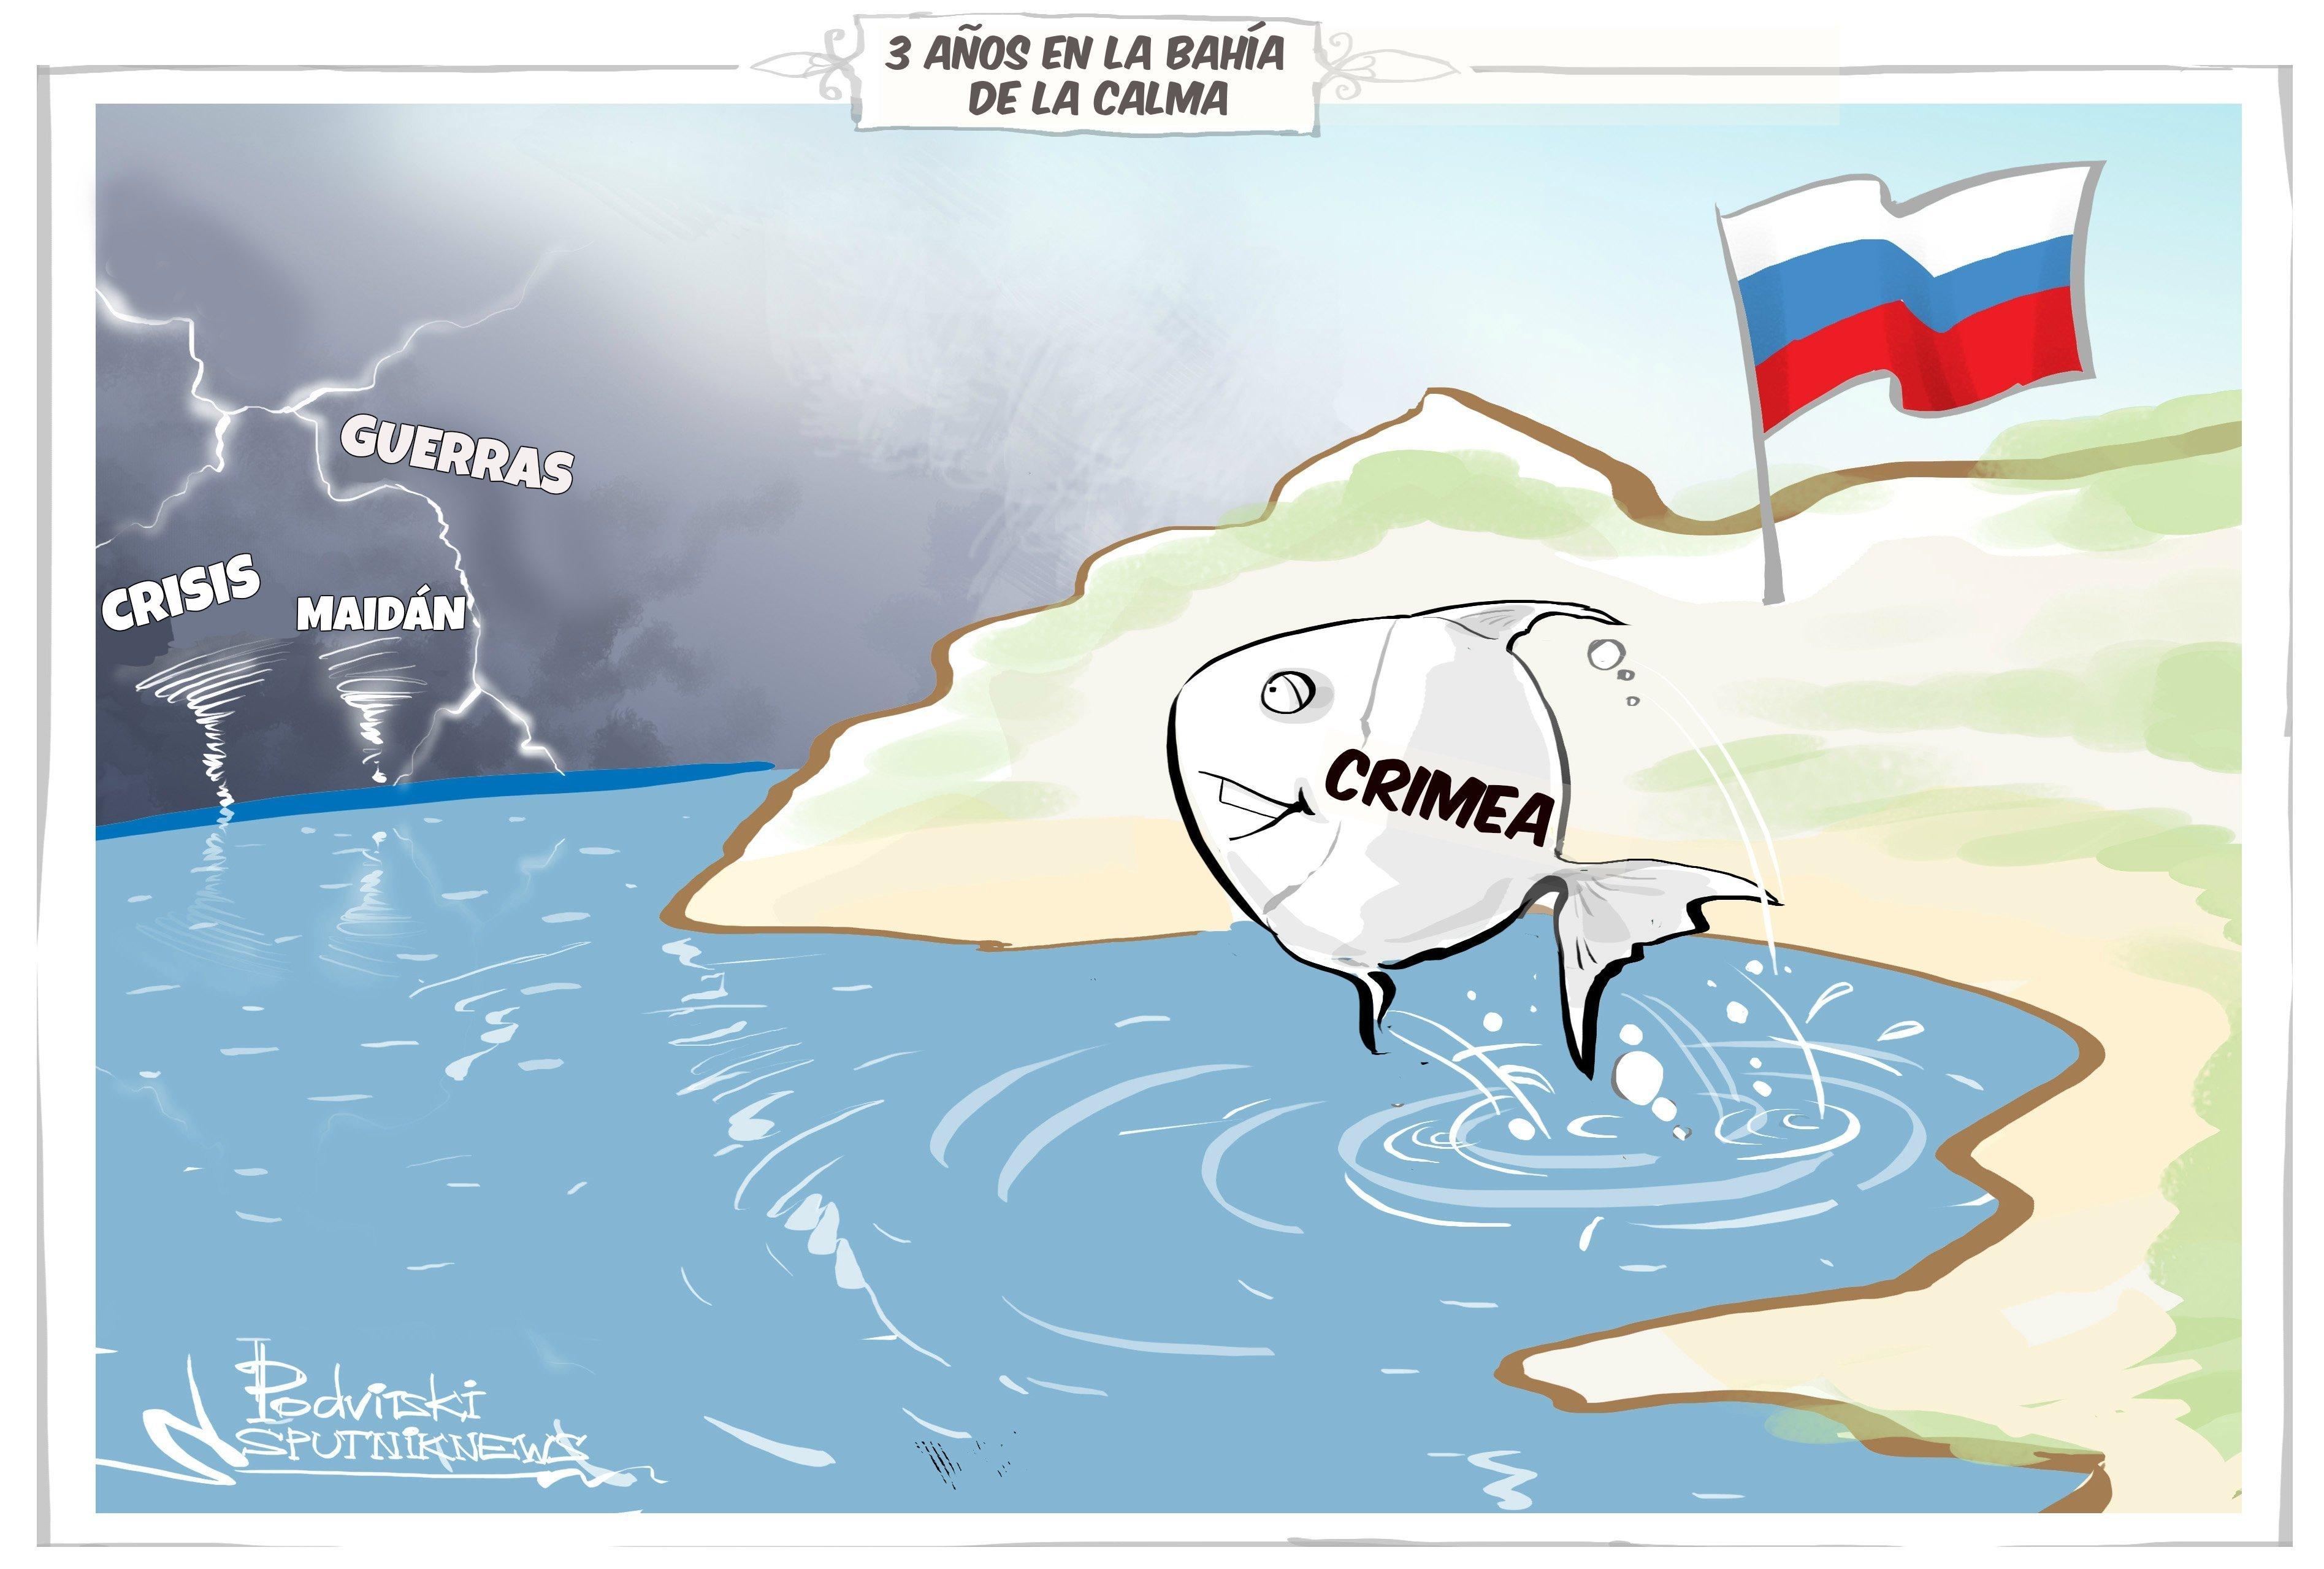 Crimea, tres años en la bahía de la calma